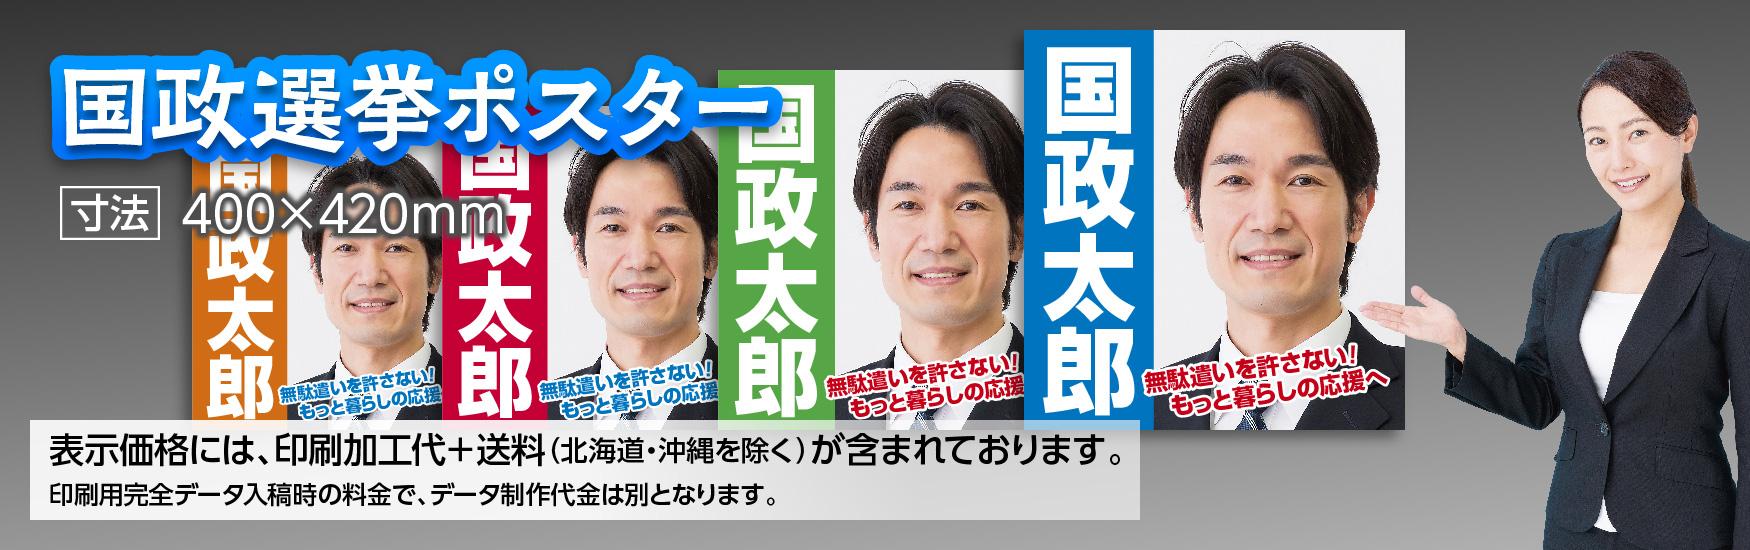 国政選挙(衆議院 小選挙区、参議院 選挙区)など首長選挙ポスター印刷